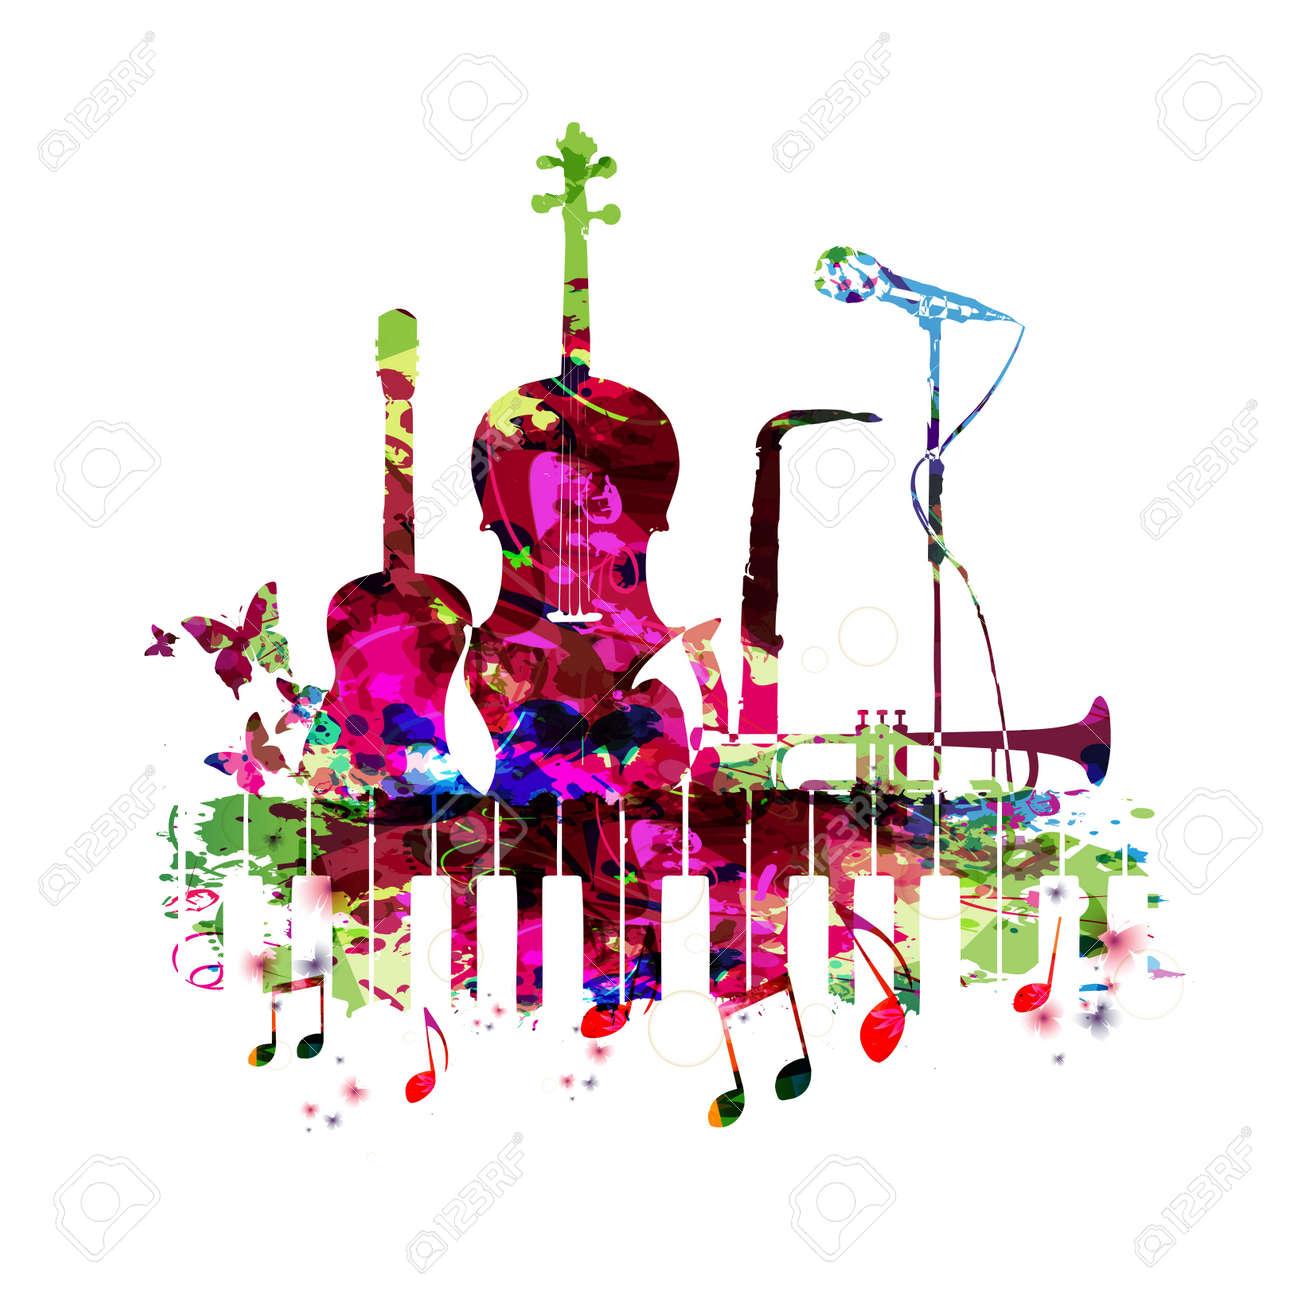 Affiche De Musique Avec Des Instruments De Musique Vector Illustration Fond De Musique Colorée Avec Clavier De Piano Guitare Violoncelle